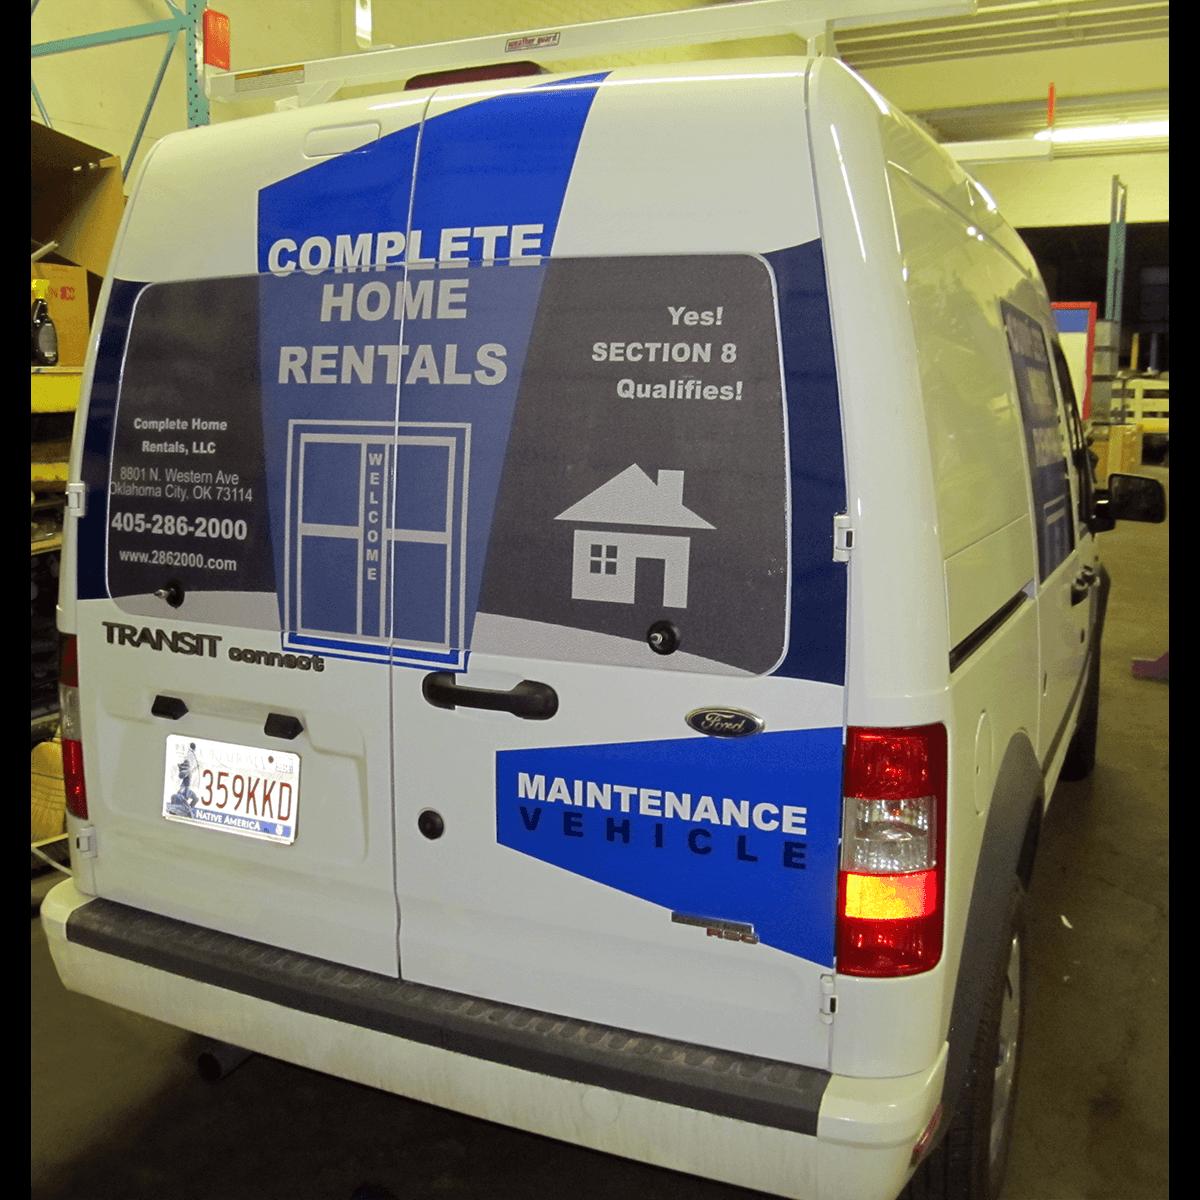 Complete Home Rentals